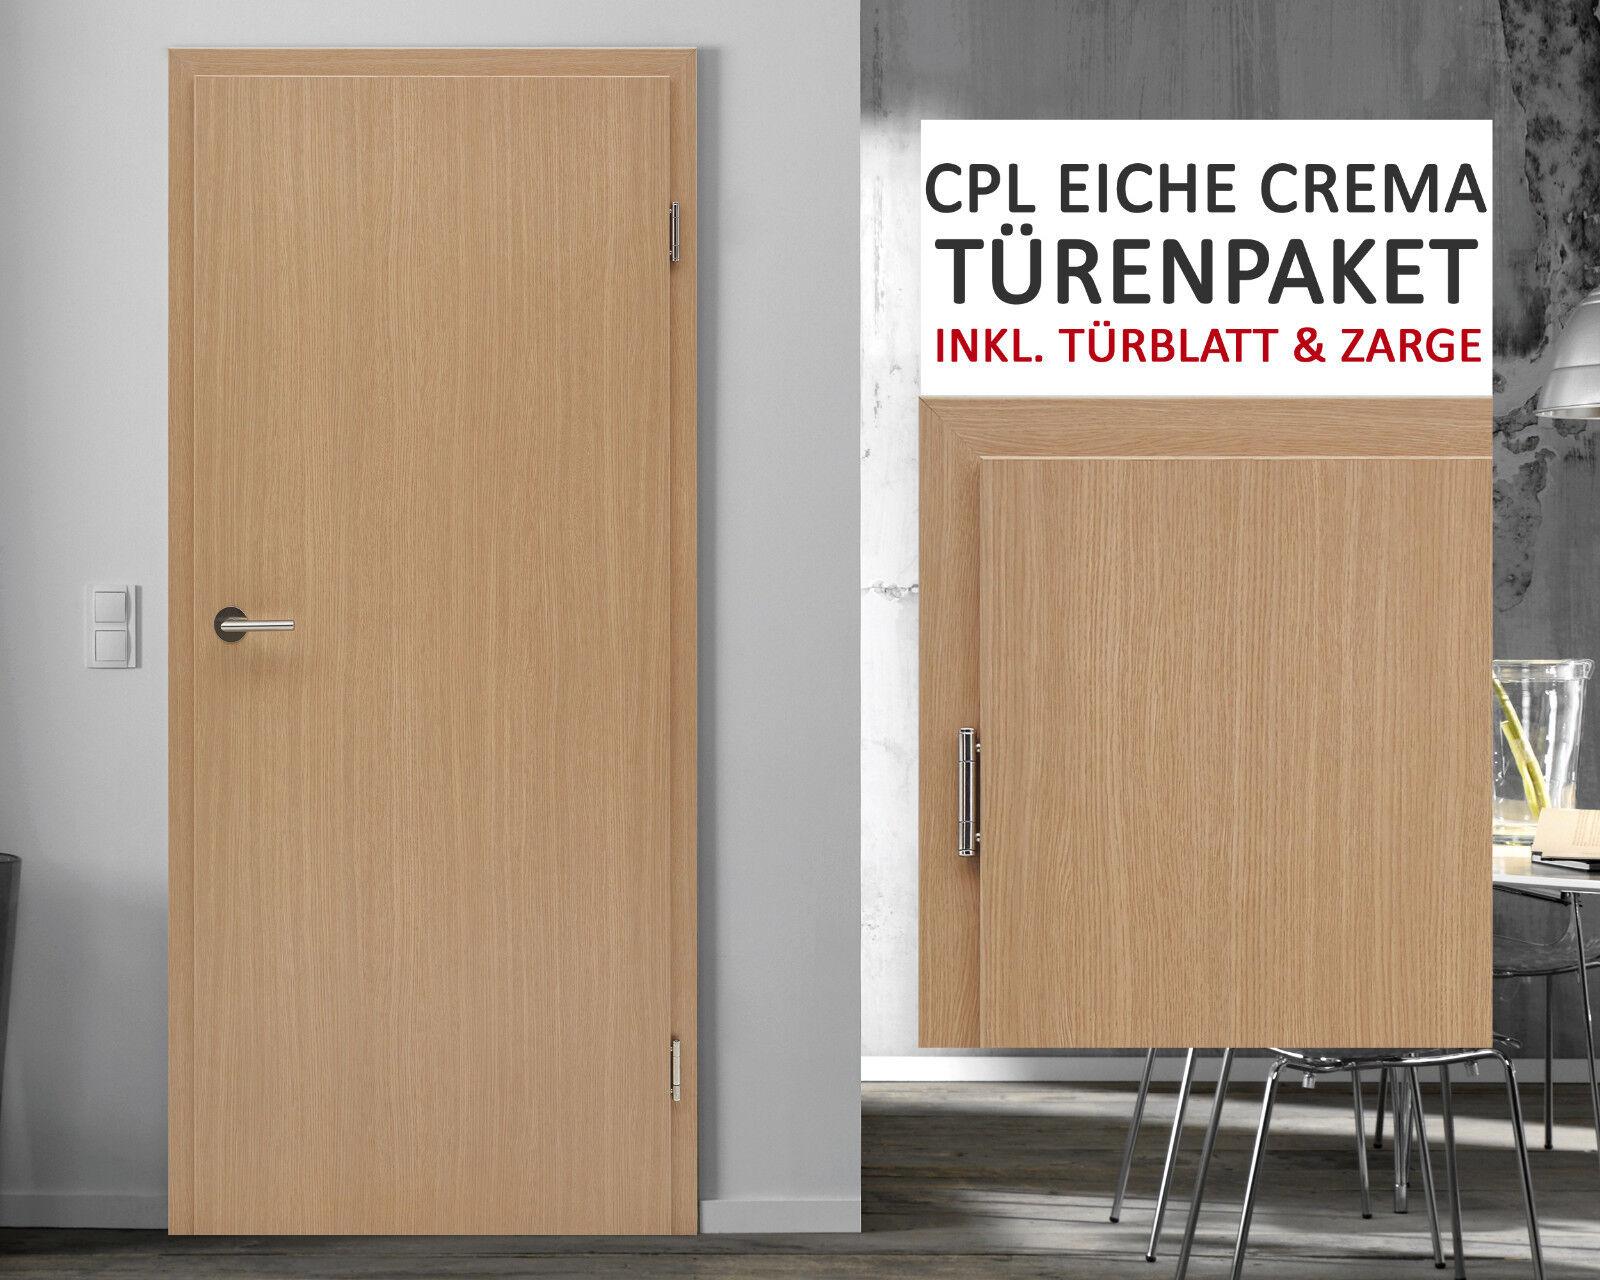 Kuporta CPL Zimmertüren Innentüren Eiche crema Innentür Zimmertür Tür mit Zarge